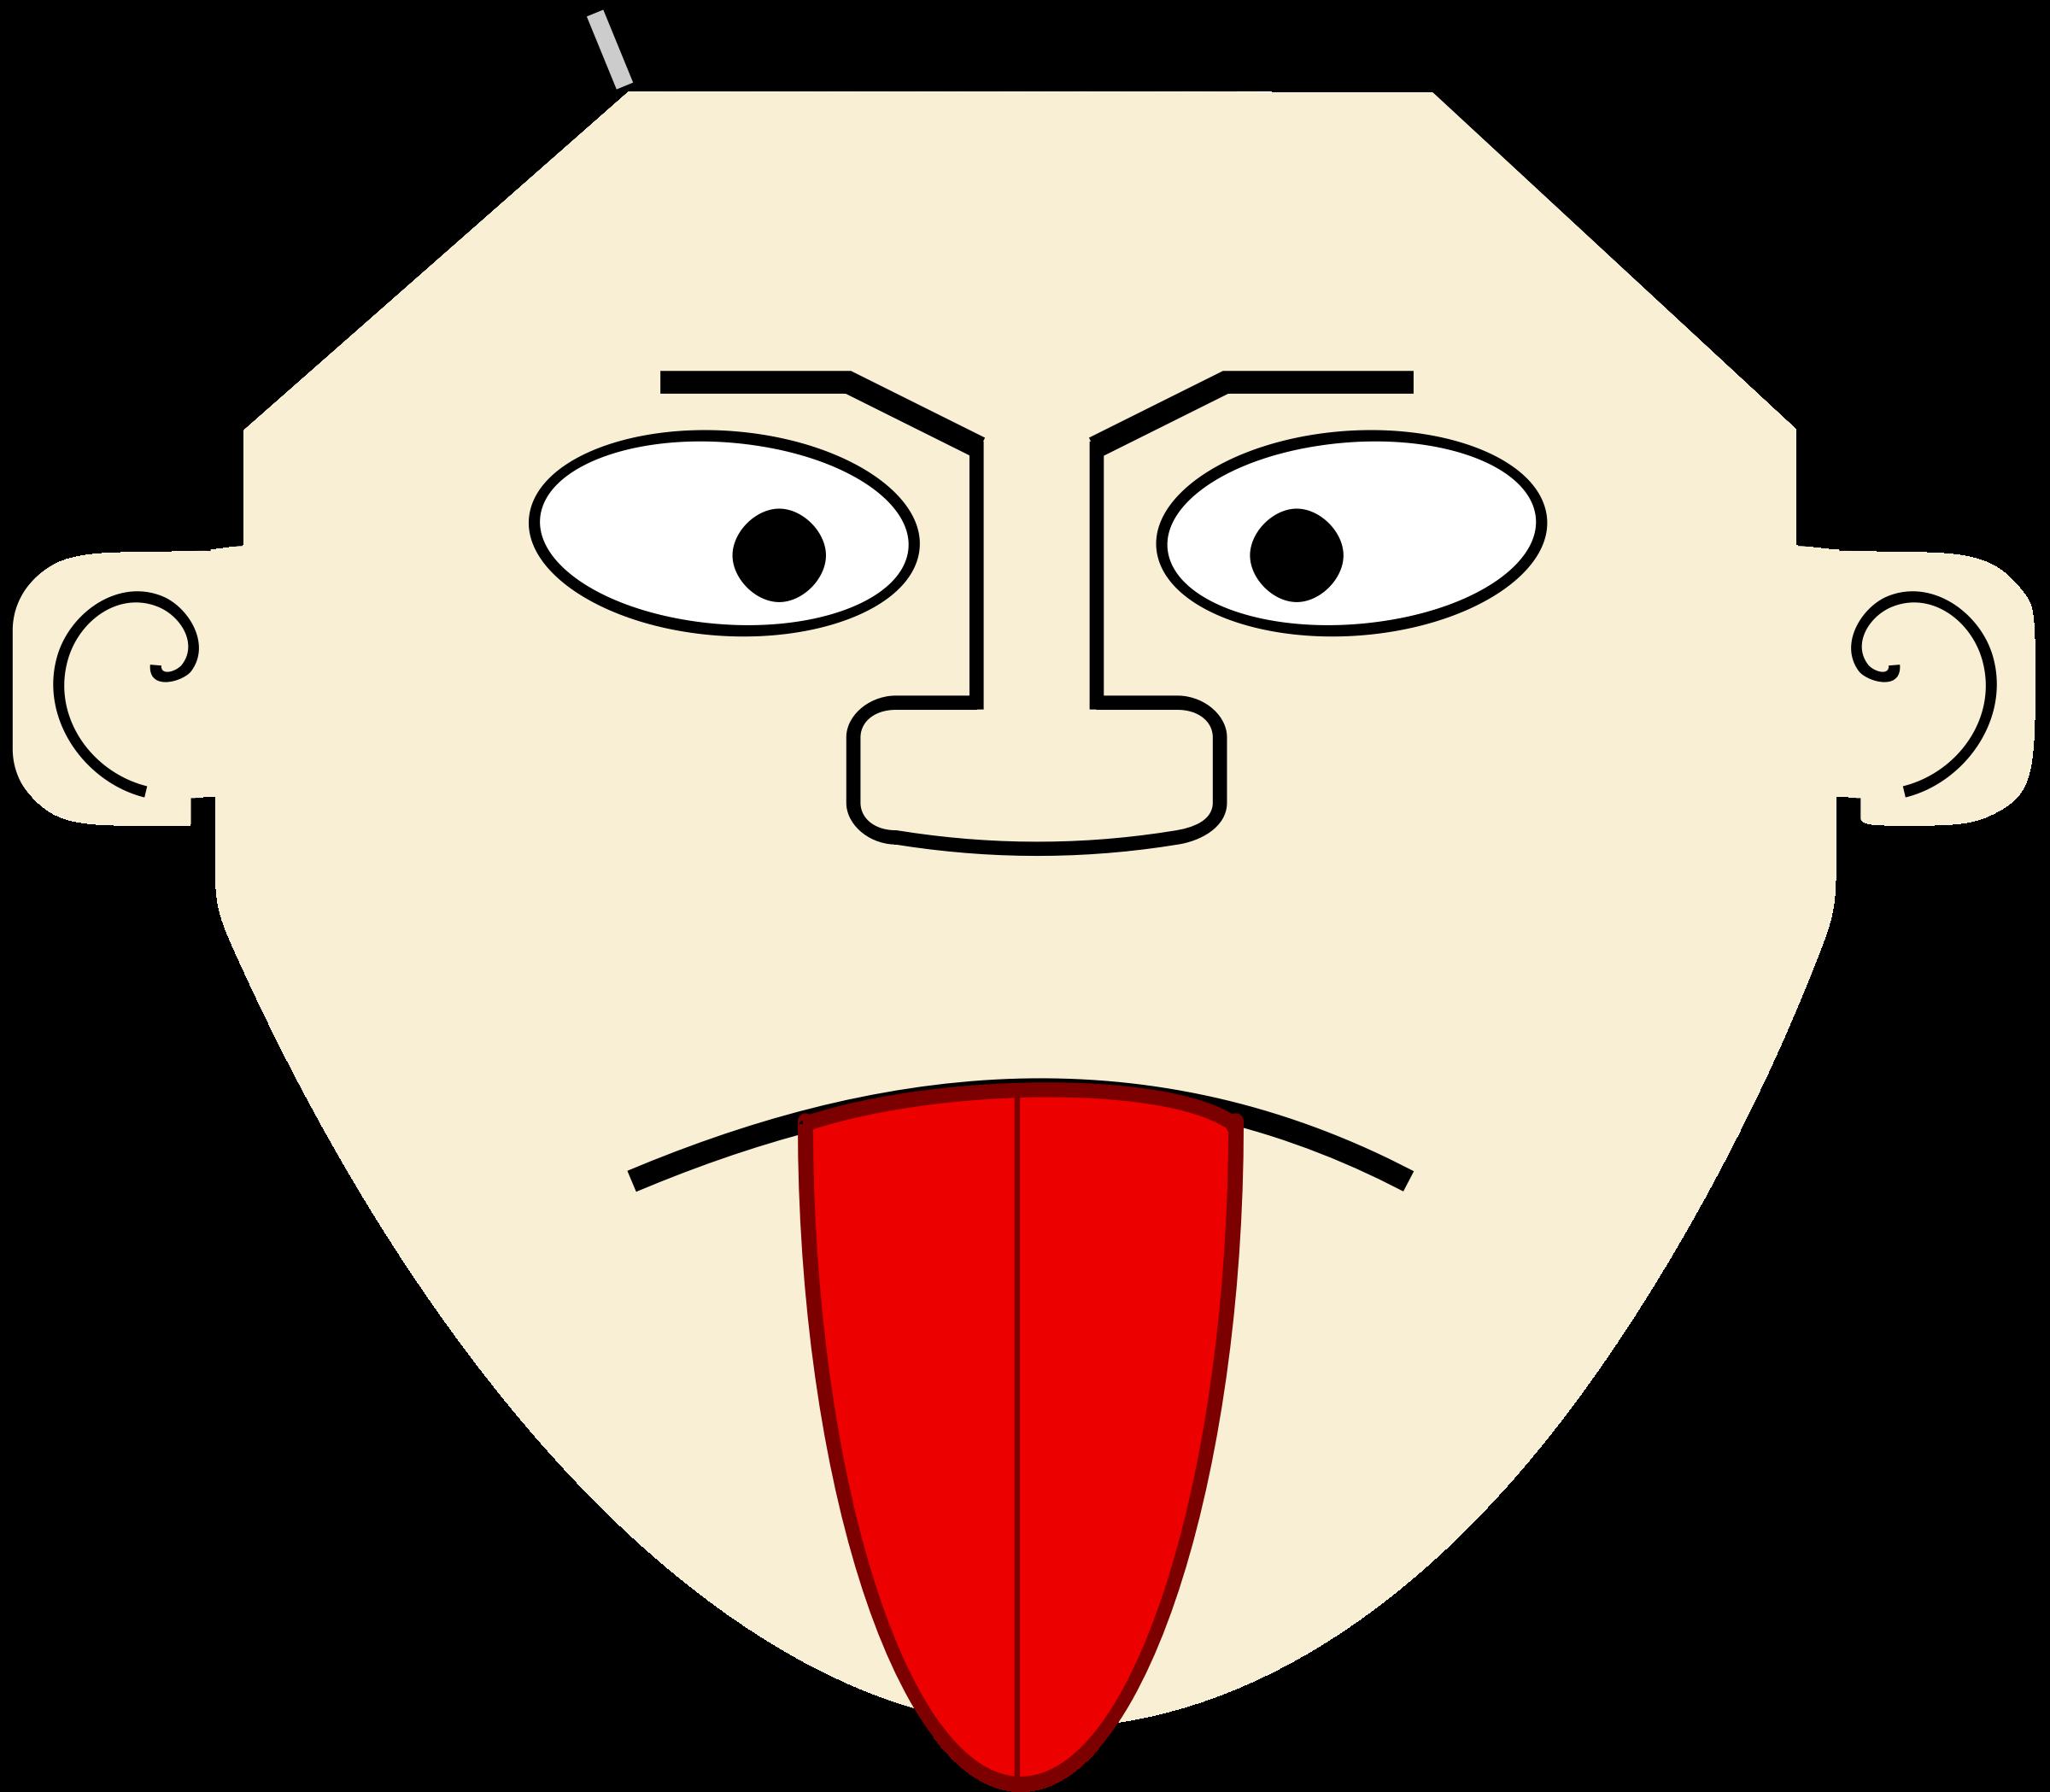 Cartoon Tongue PNG - 59912